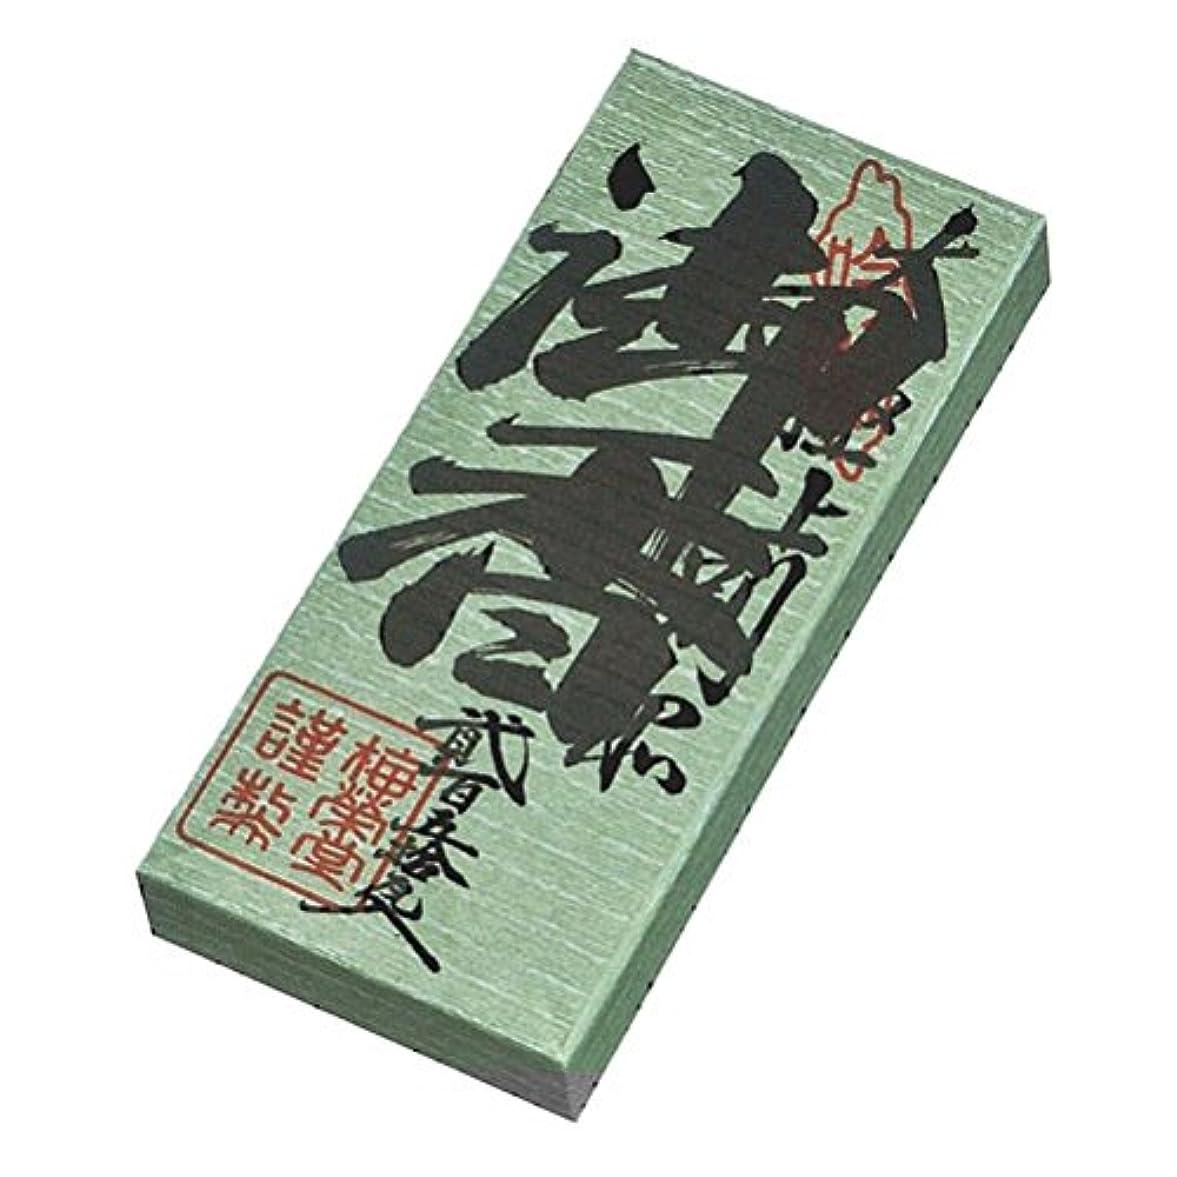 娯楽とんでもない不純徳香印 250g 紙箱入り お焼香 梅栄堂